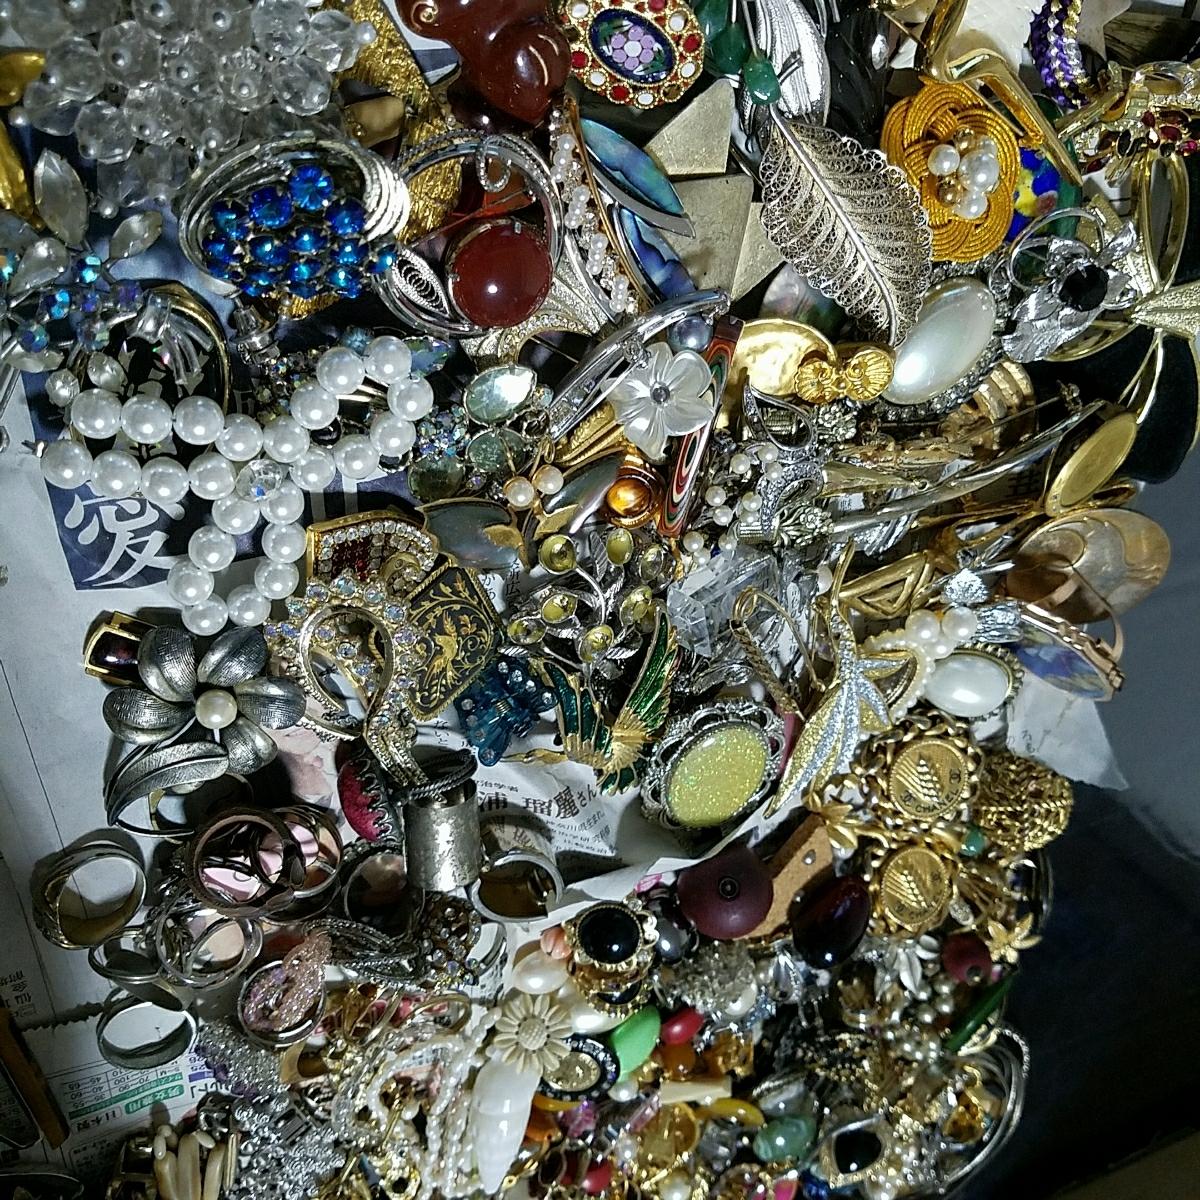 アクセサリー 大量約5キロ silver刻印 & シャネル 等各種ブランド 多数含む イミテーション 真珠 ネックレス タイピング 指輪 イヤリング_画像7